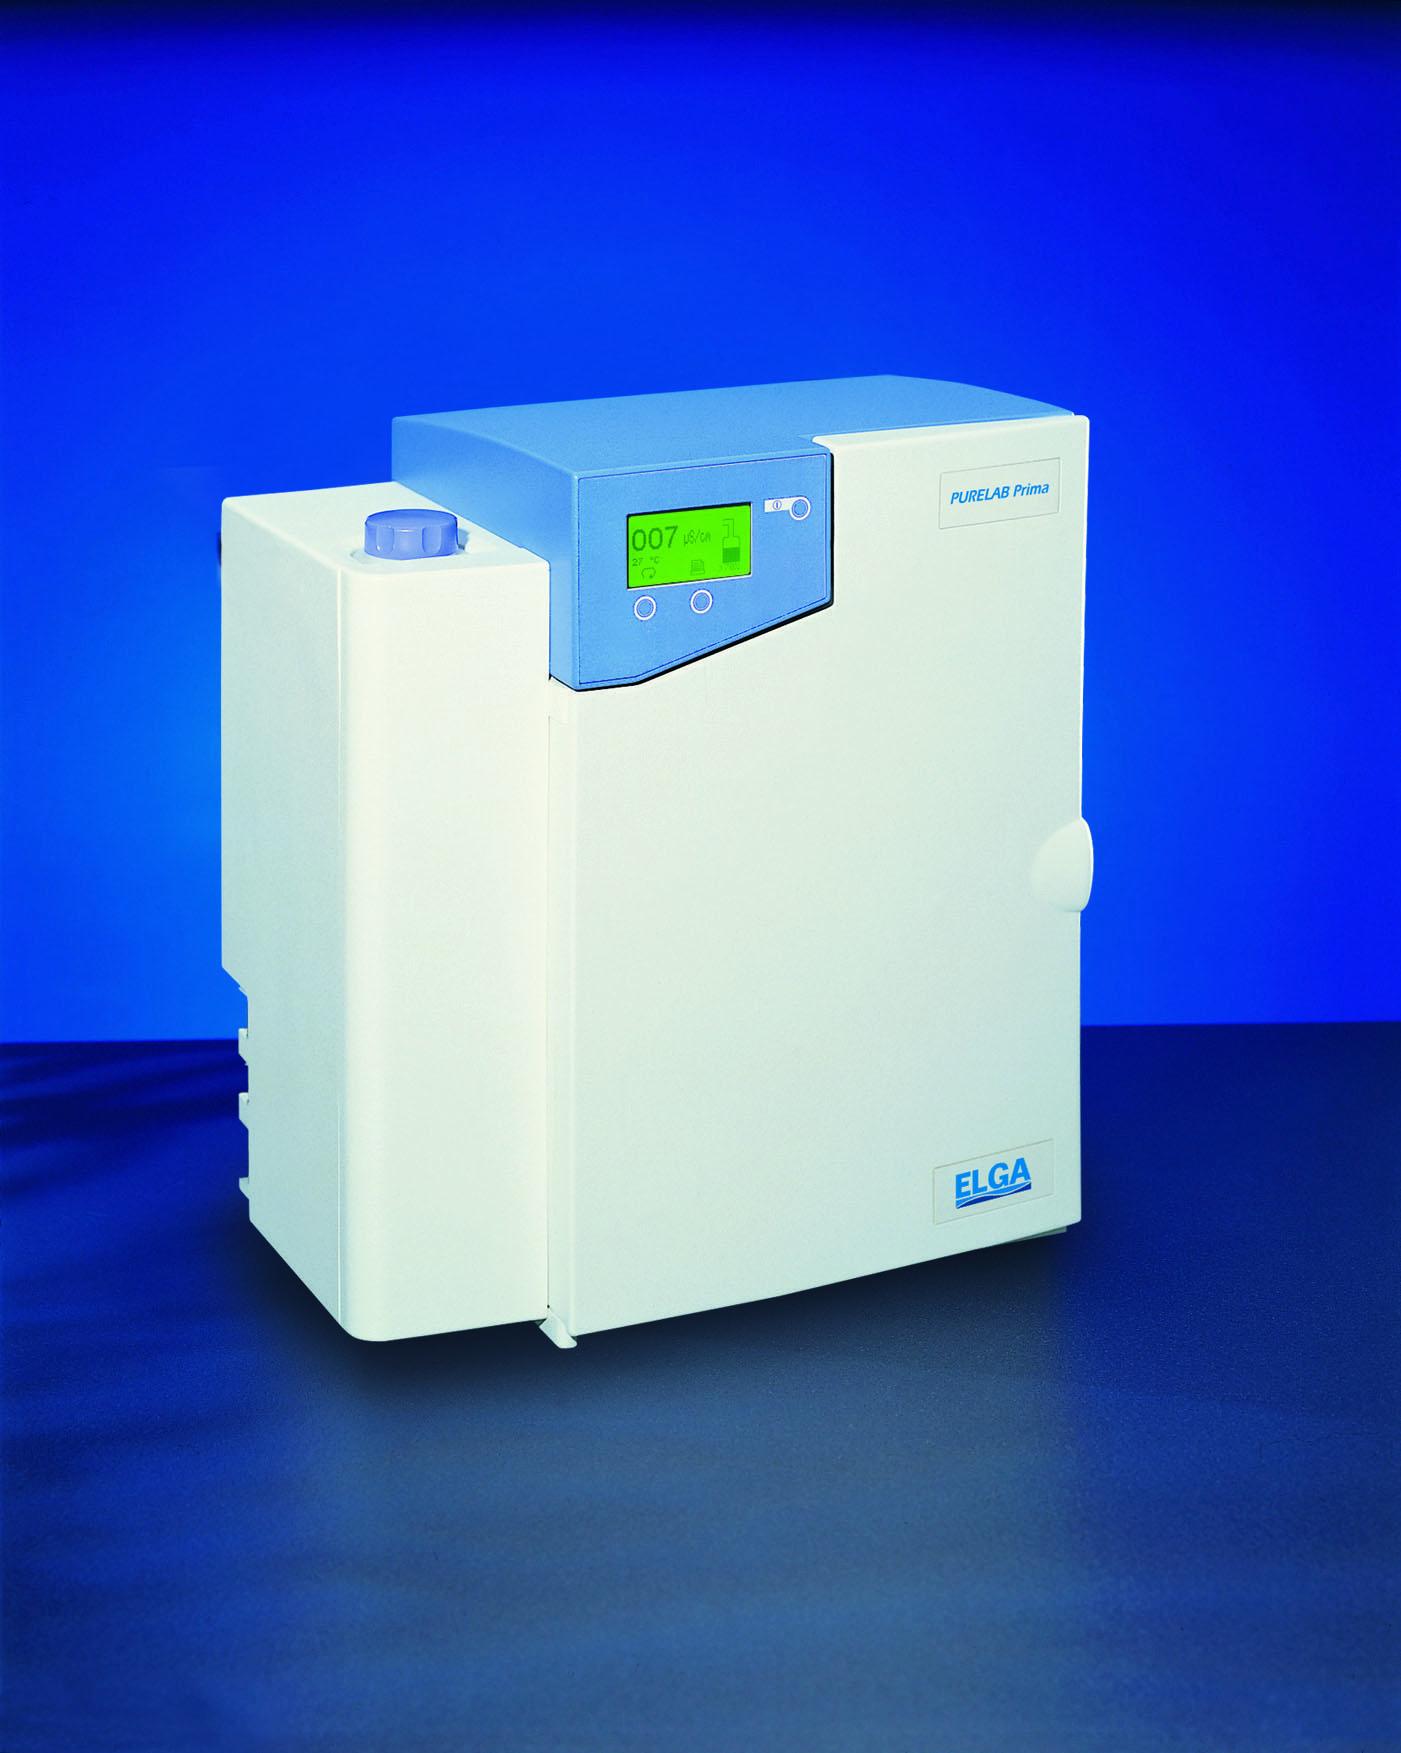 purificateur d 39 eau pour laboratoire purelab option s. Black Bedroom Furniture Sets. Home Design Ideas